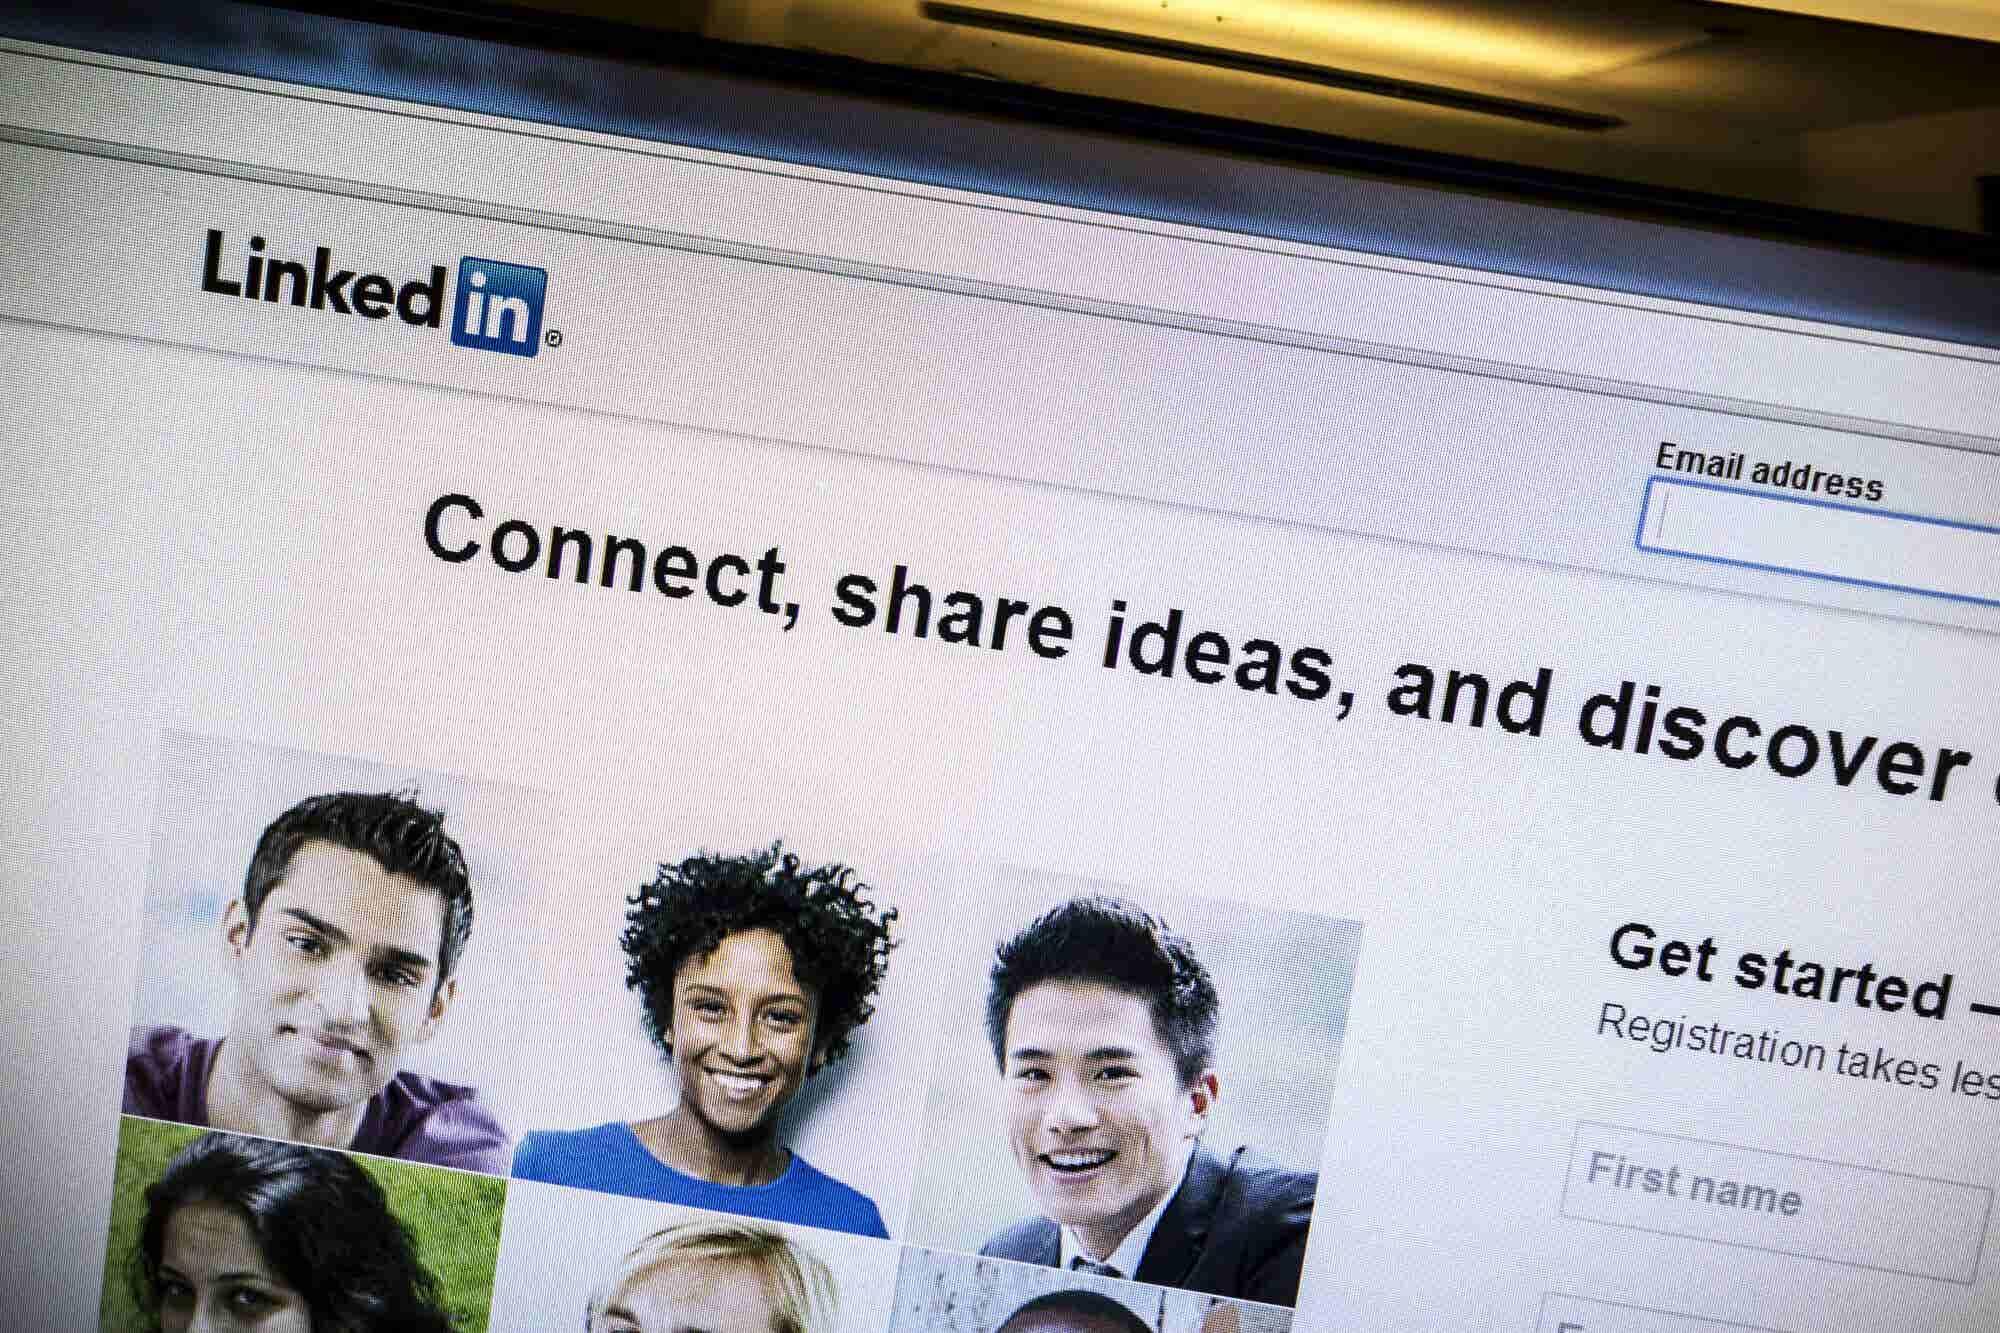 ¿Quieres conseguir el trabajo de tus sueños? 9 consejos para que tu perfil en LinkedIn destaque del resto